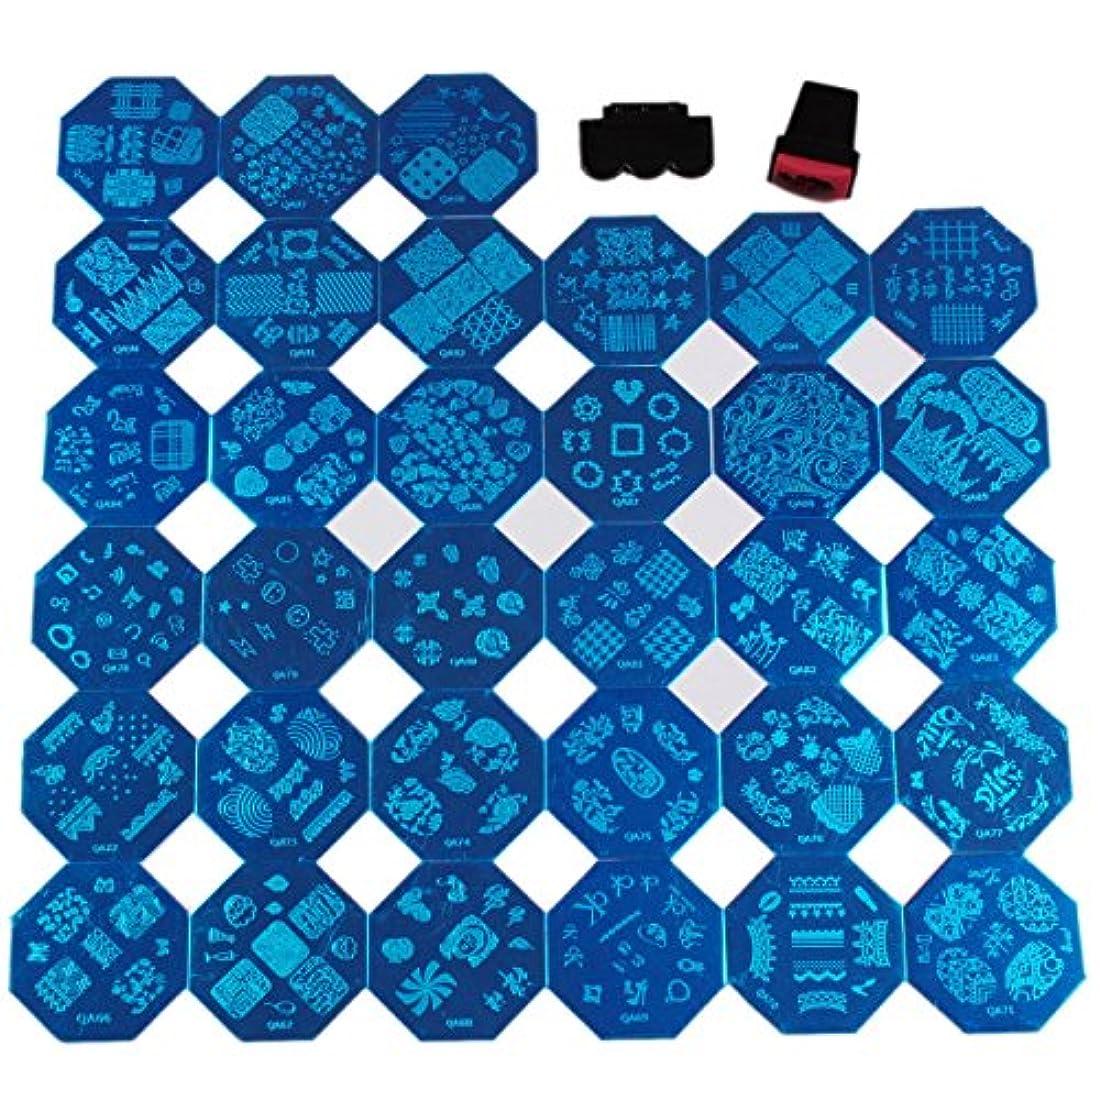 尊敬お嬢保全FingerAngel ネイルイメージプレートセット 八角形ネイルプレート 33枚 スタンプ スクレーパー付き ネイルサロンも自宅も適用なネイルプレート 初心者に簡単に仕上がるネイルアート